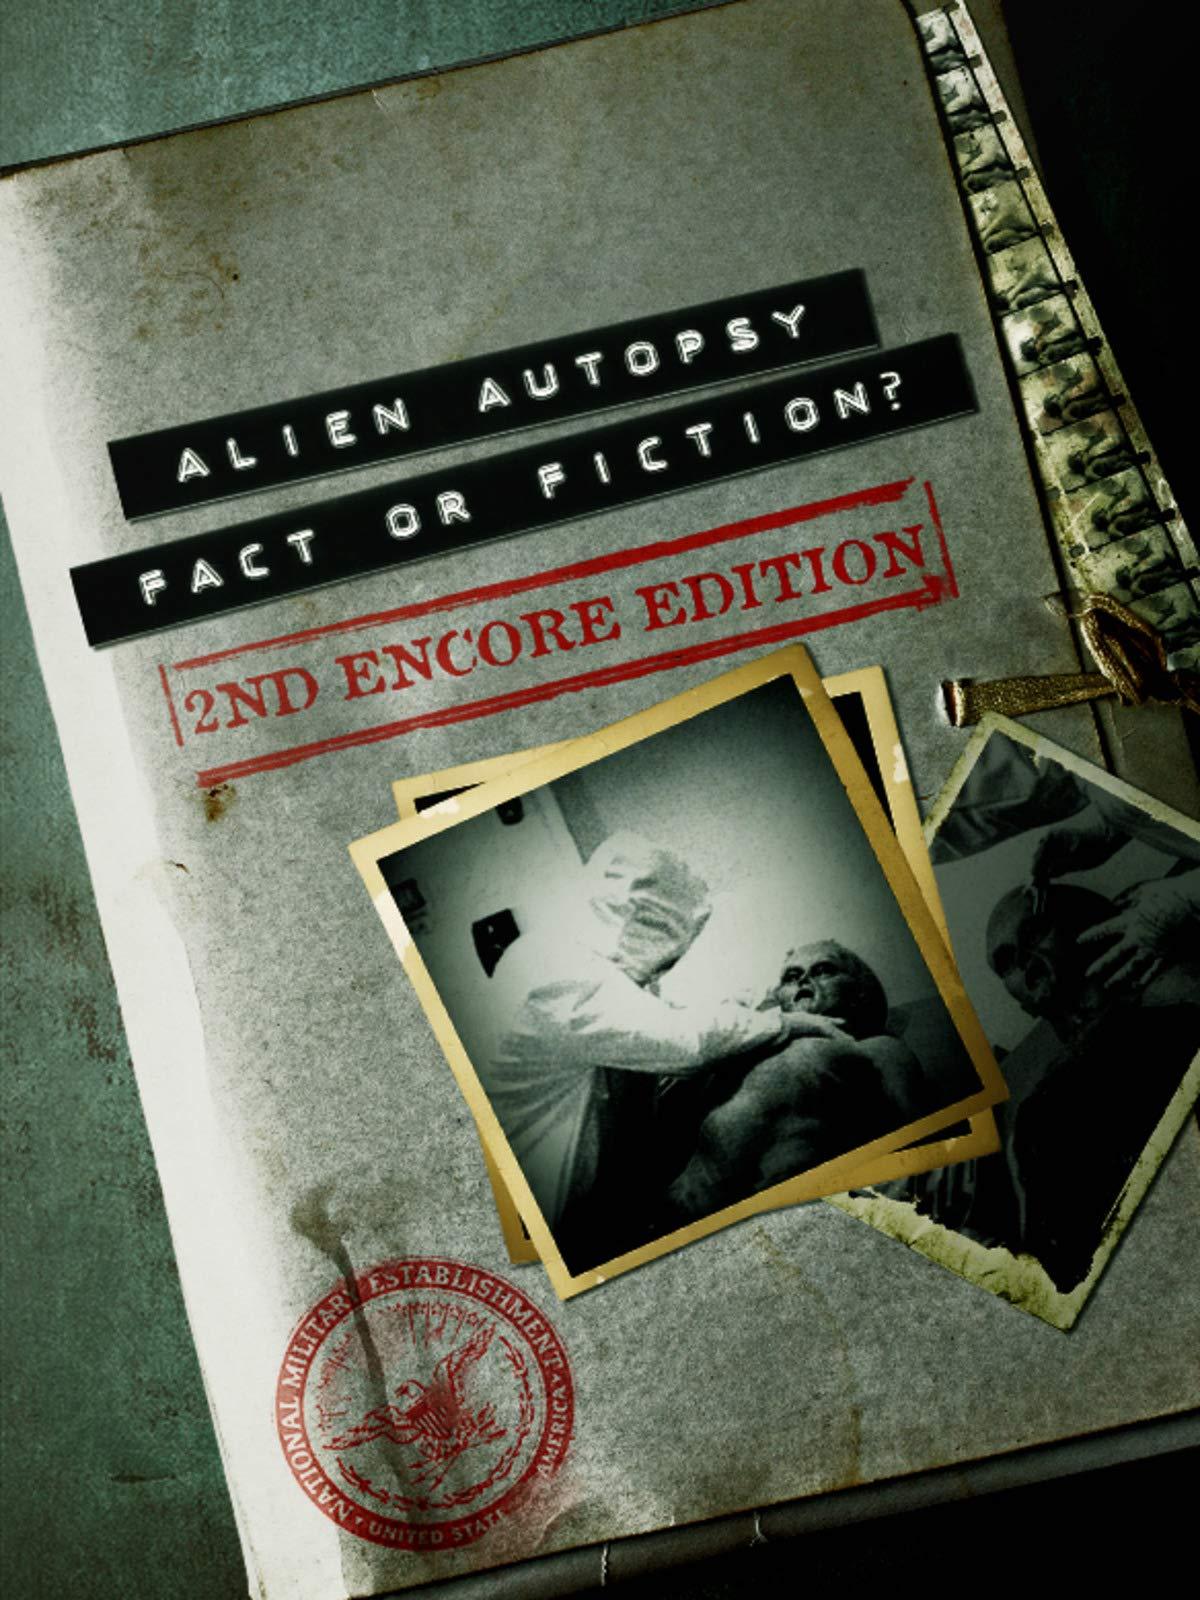 Alien Autopsy: Fact of Fiction? Uncut